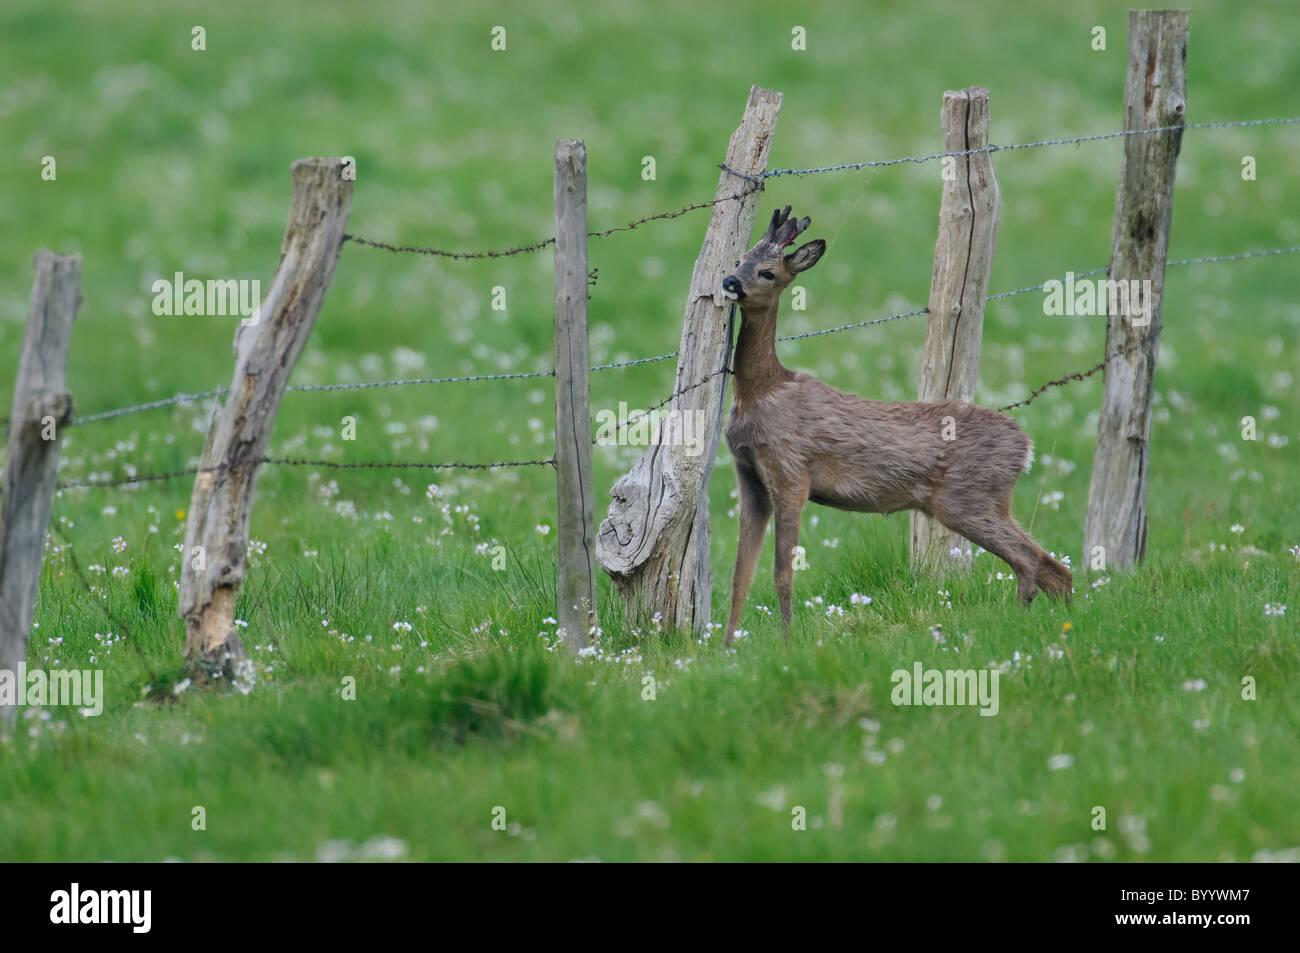 European roe deer [Capreolus capreolus], germany - Stock Image